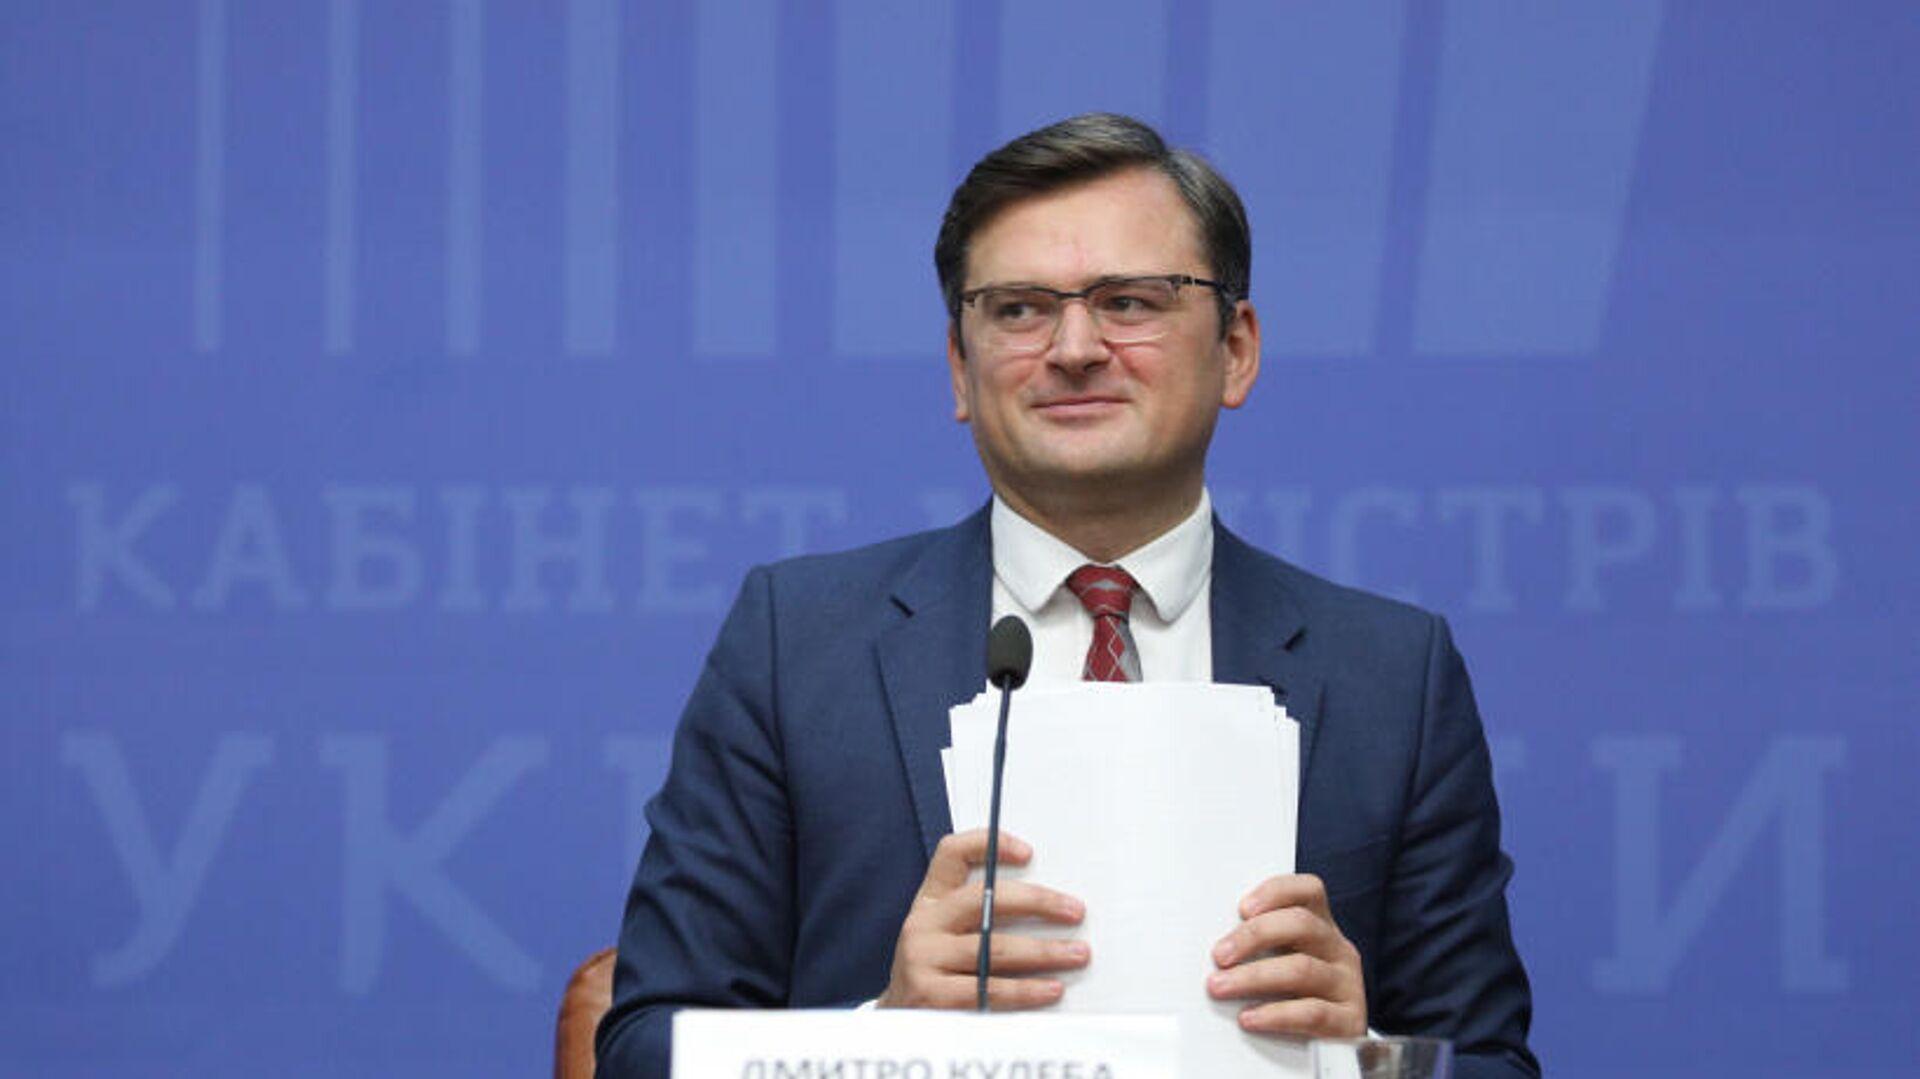 Кулеба заявил о готовности Украины дальше обсуждать с Венгрией права нацменьшинств